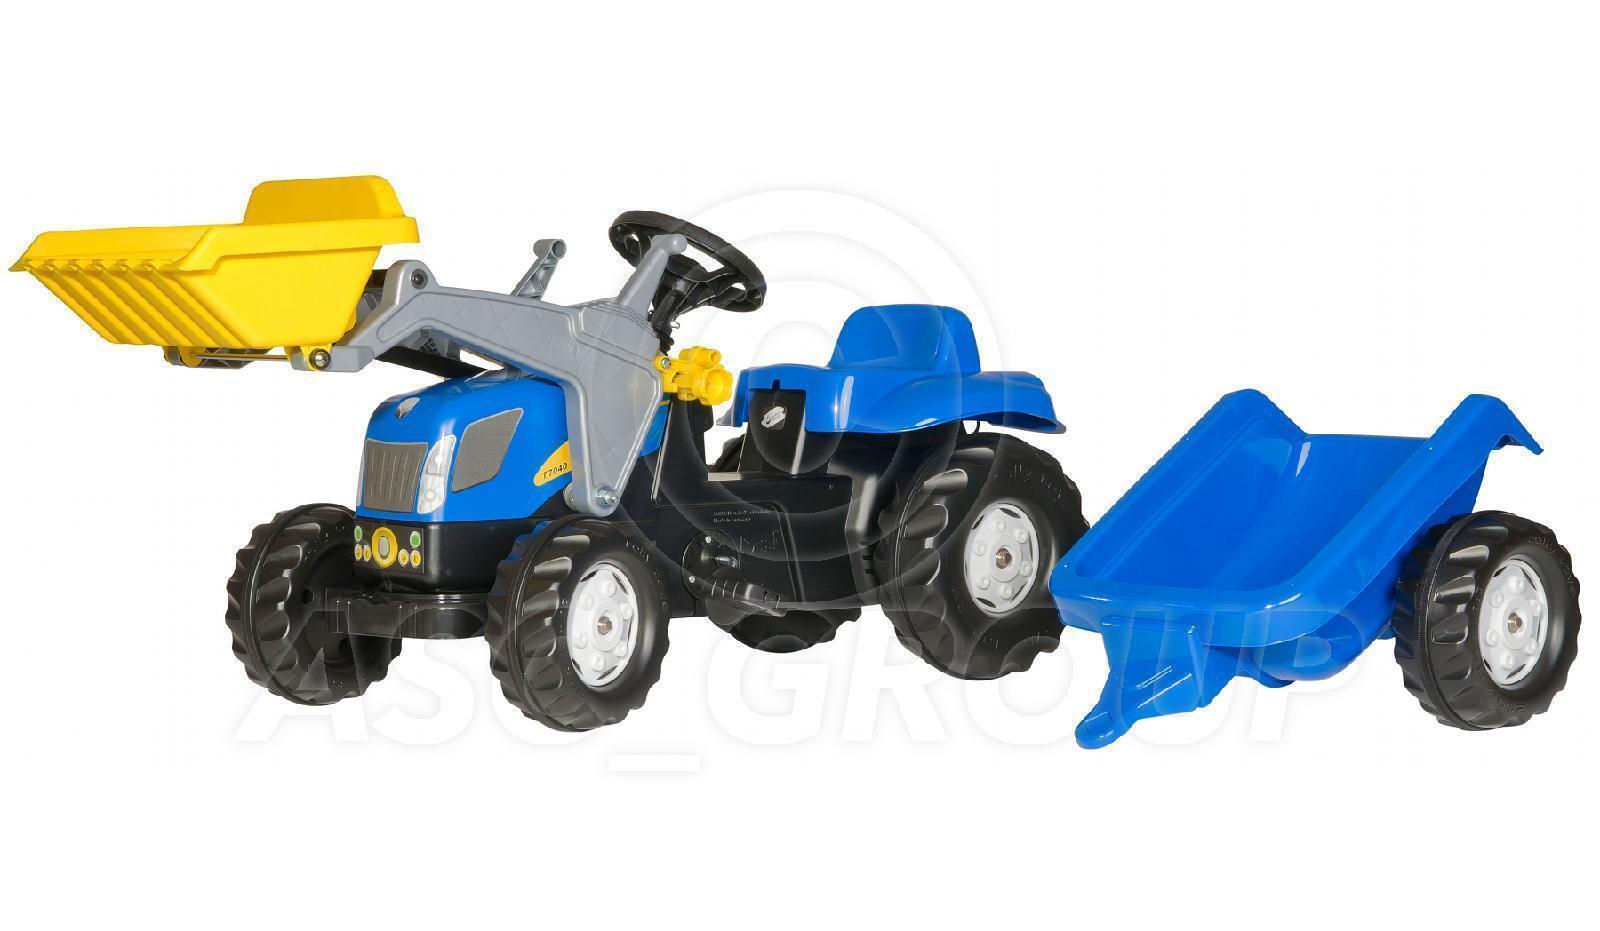 hasta 42% de descuento Rolly Juguetes - New New New Holland T 7040 Correpasillos Tractor de Pedales Cochegadora  alta calidad